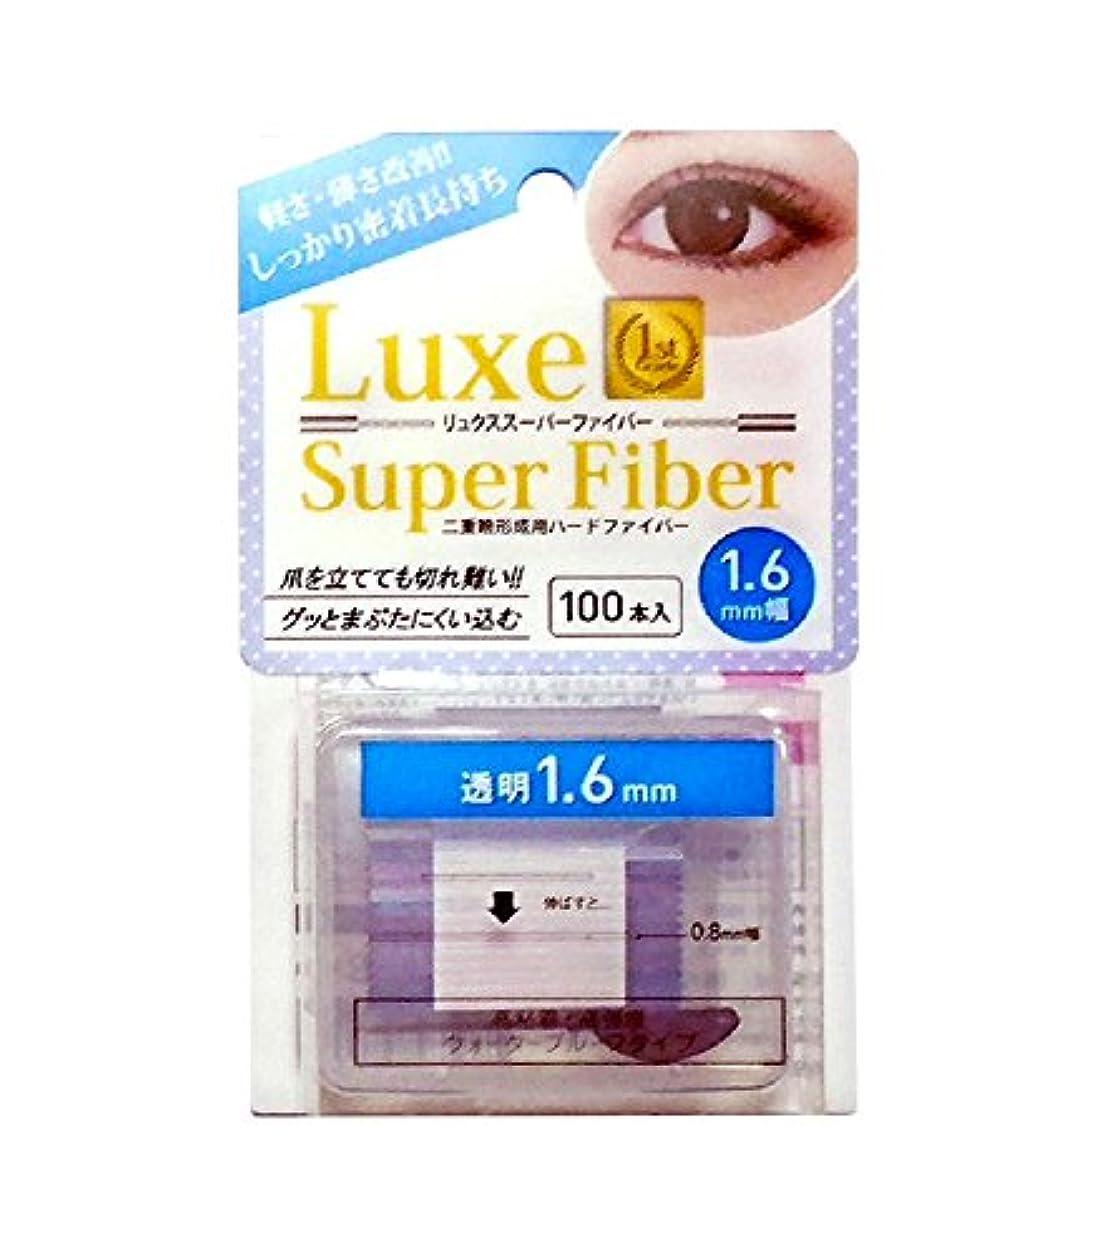 水星狂ったヤギLuxe(リュクス) スーパーファイバーII 透明 クリア 1.6mm 100本入り